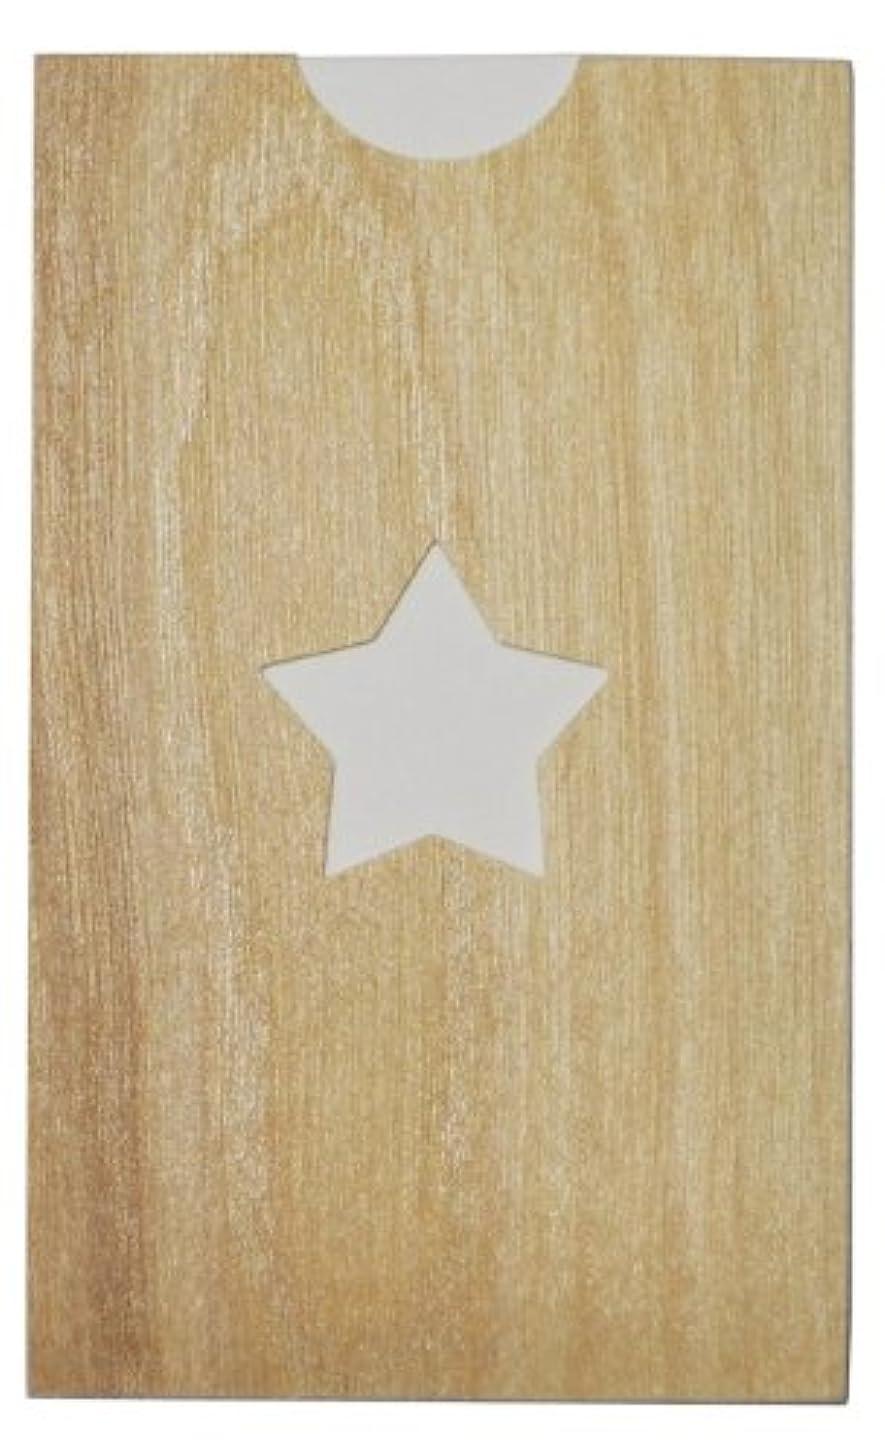 従順教育学ファッションyuica(ユイカ) 香りのカード /星(ヒノキのシートケース+ムエット紙10枚)